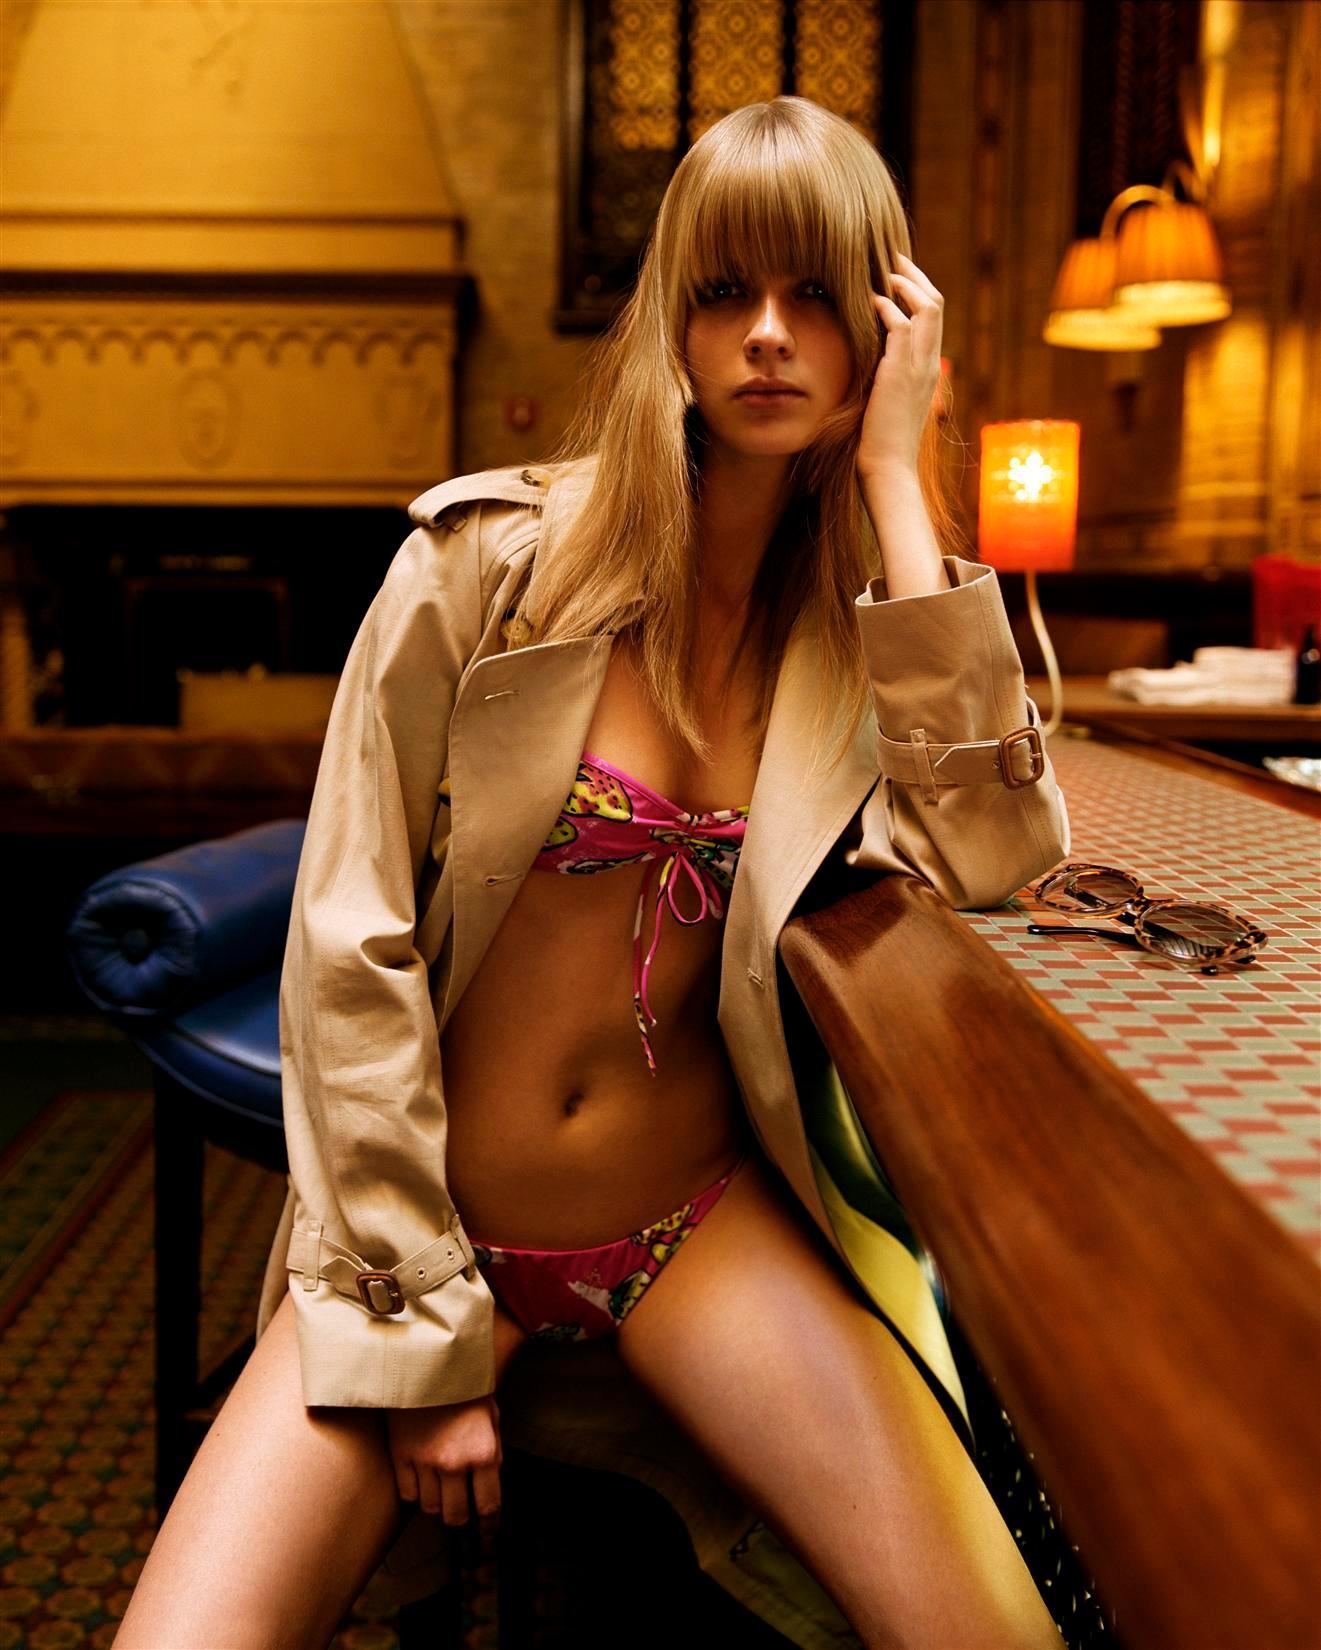 Julia Stegner - Vogue Italia Photoshoot